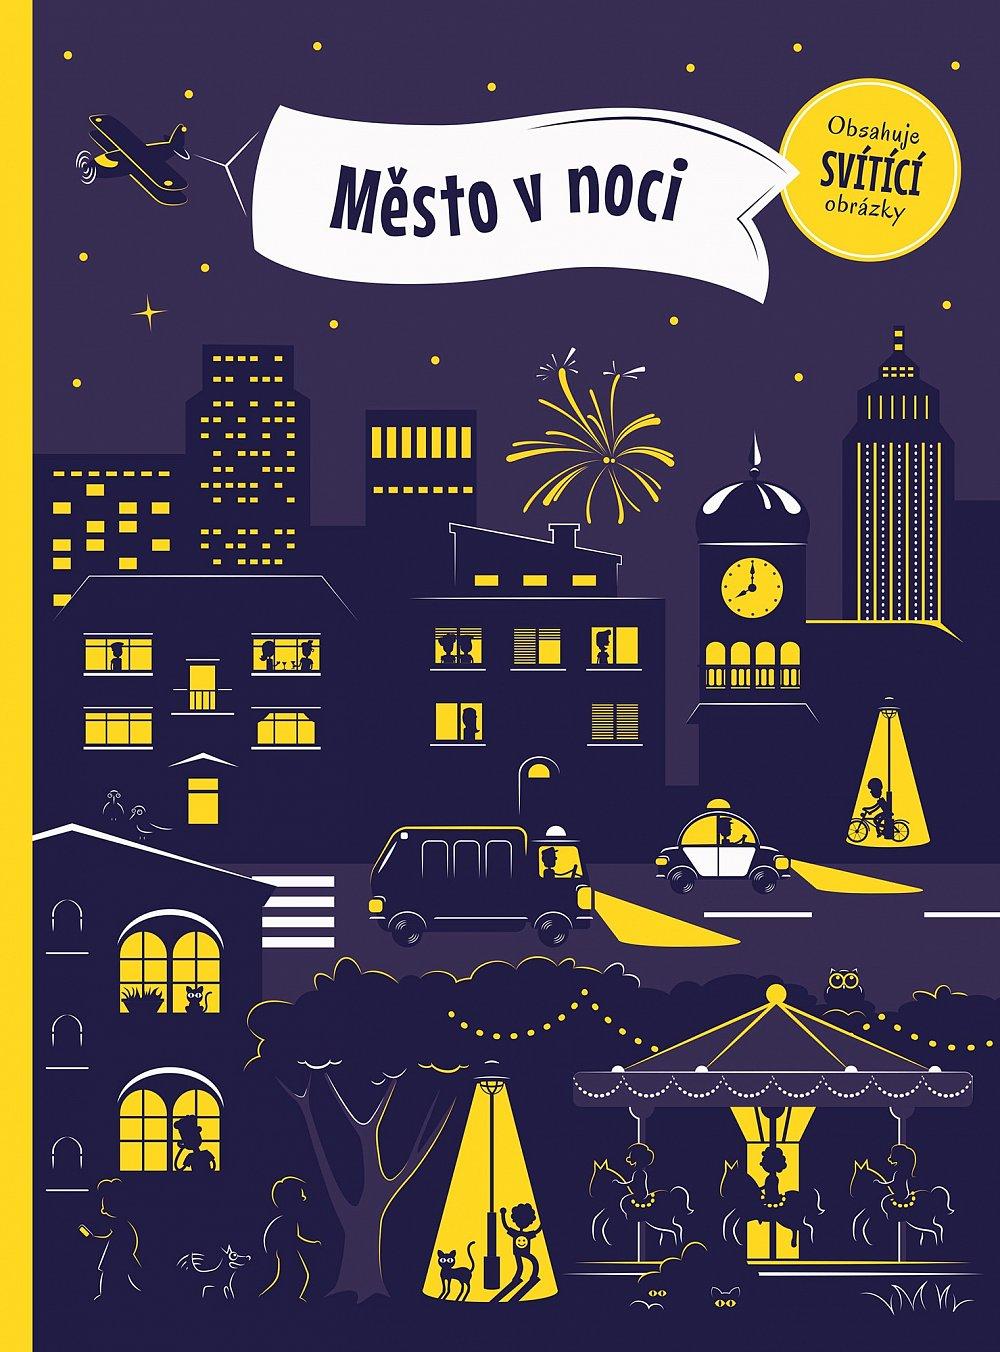 Soutěž o knihu Město v noci